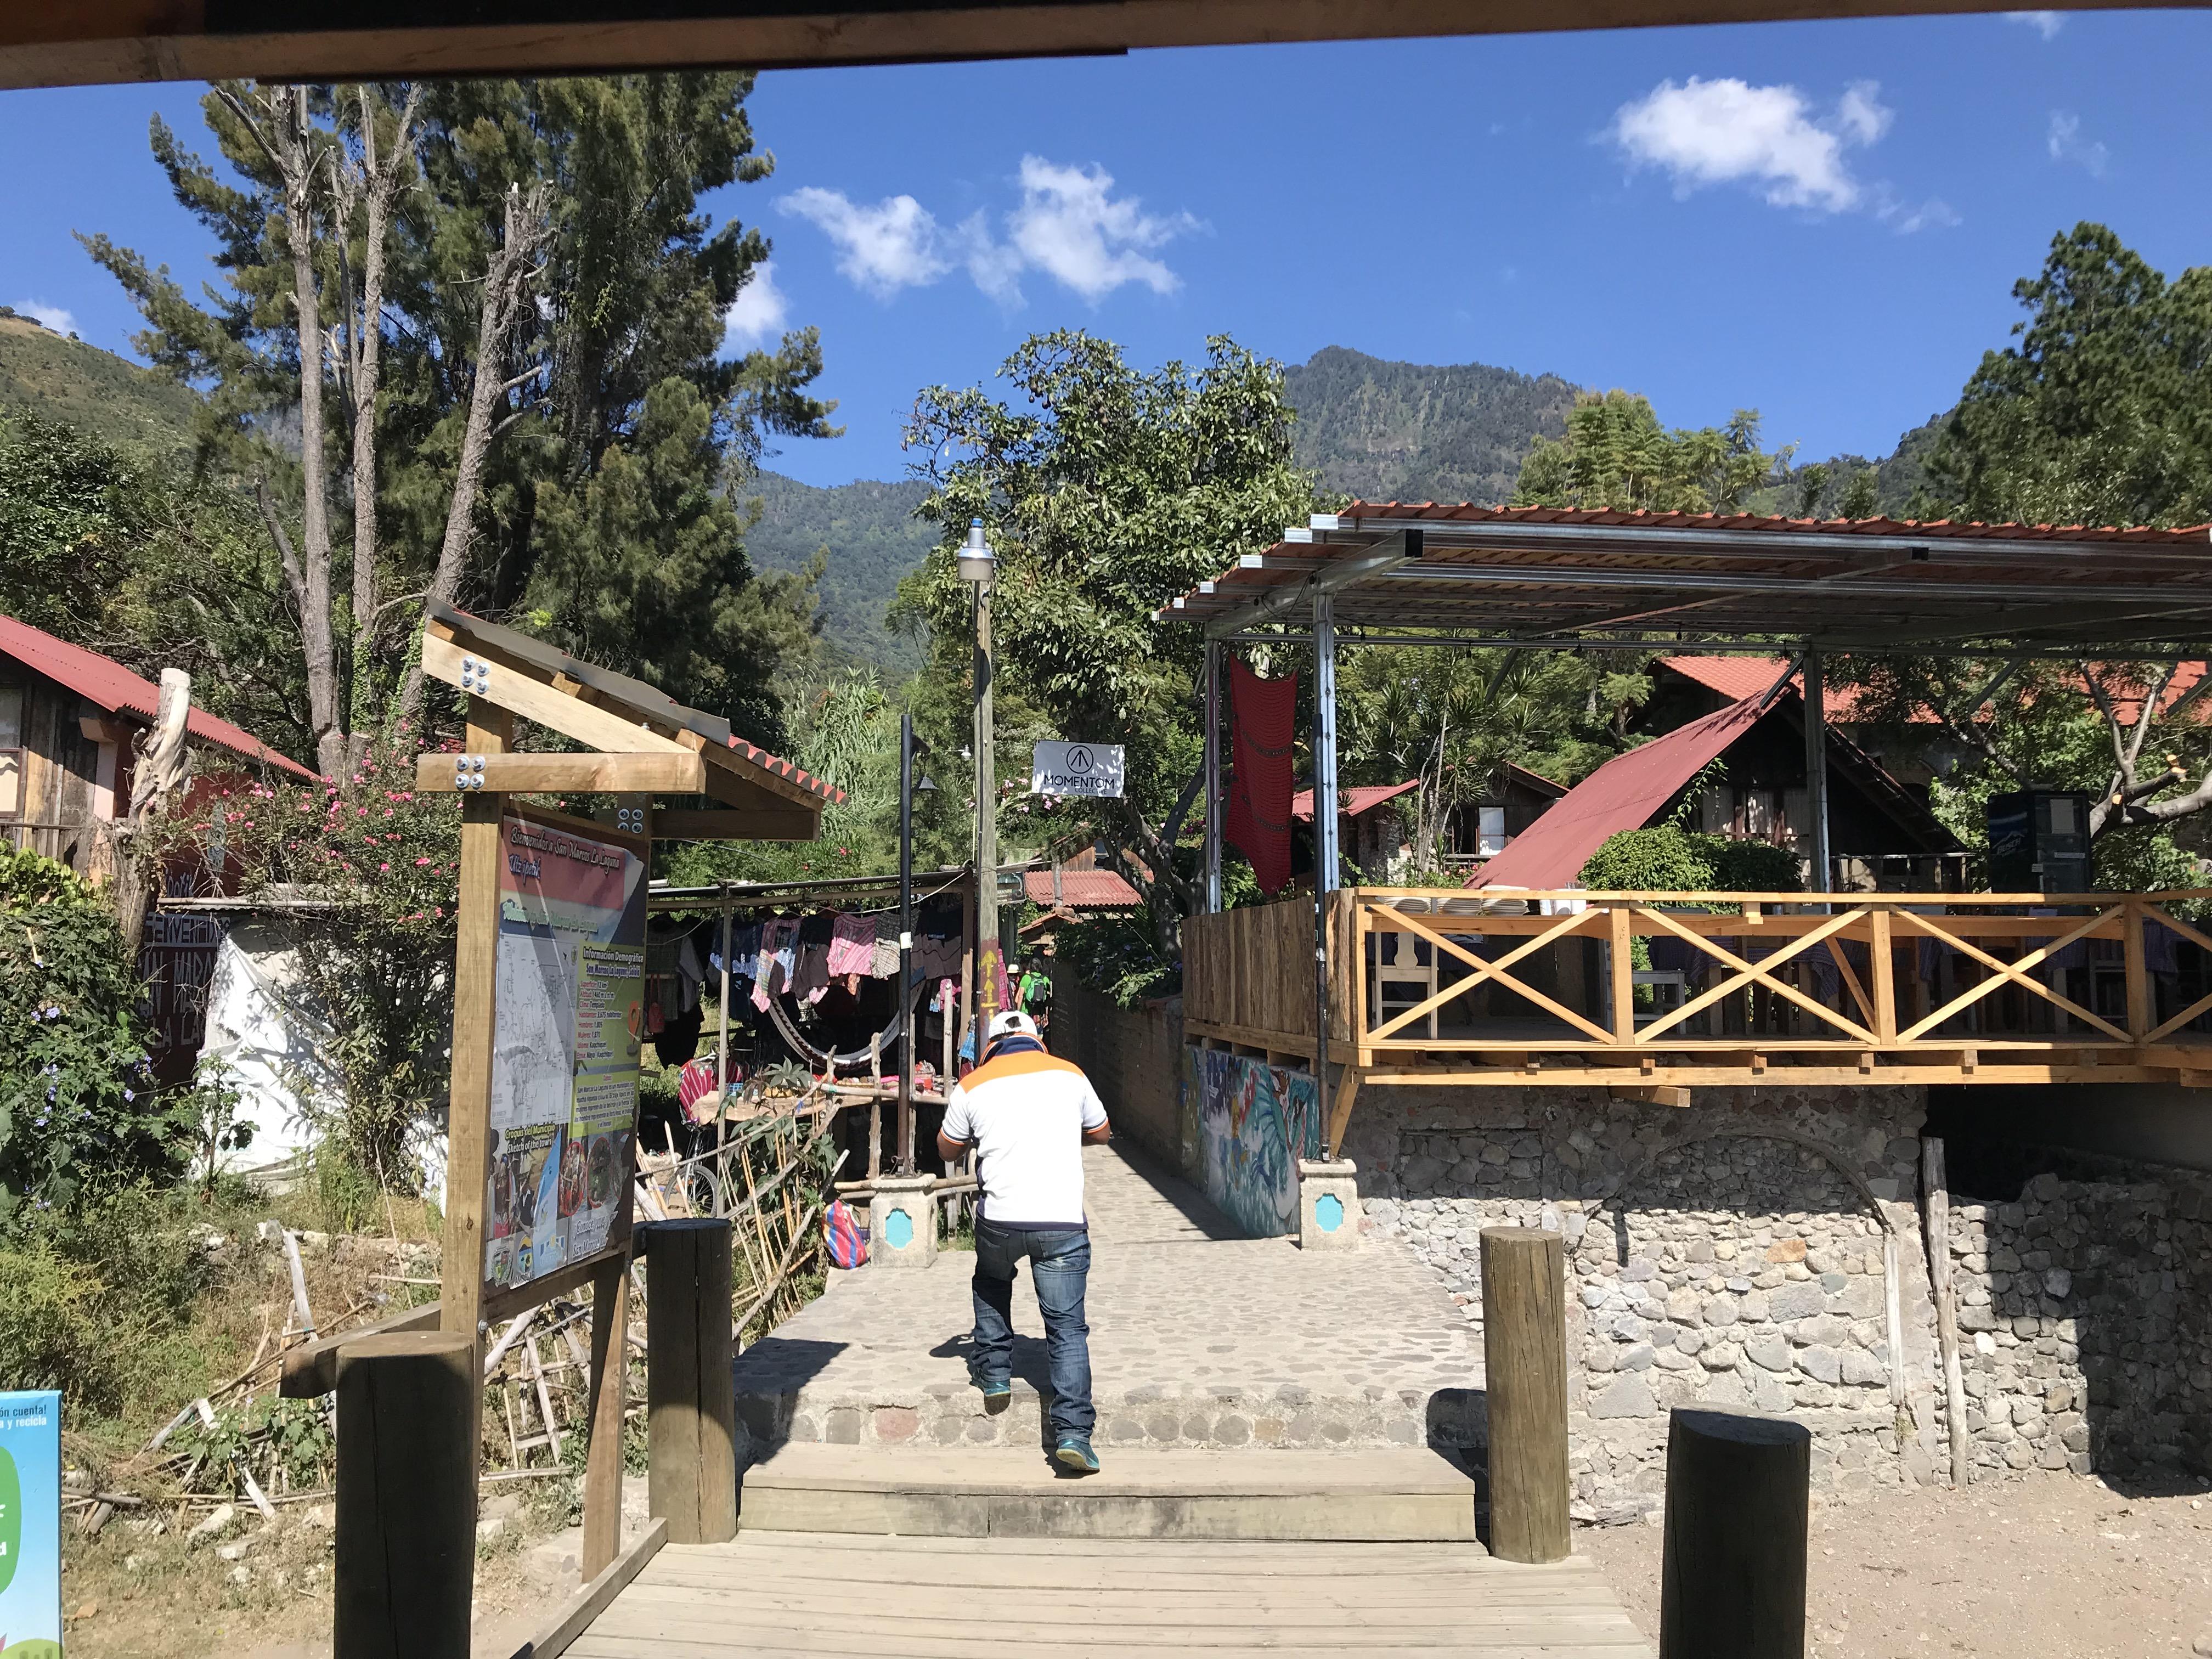 サン・マルコス ラ・ラグナ San Marcos La Laguna